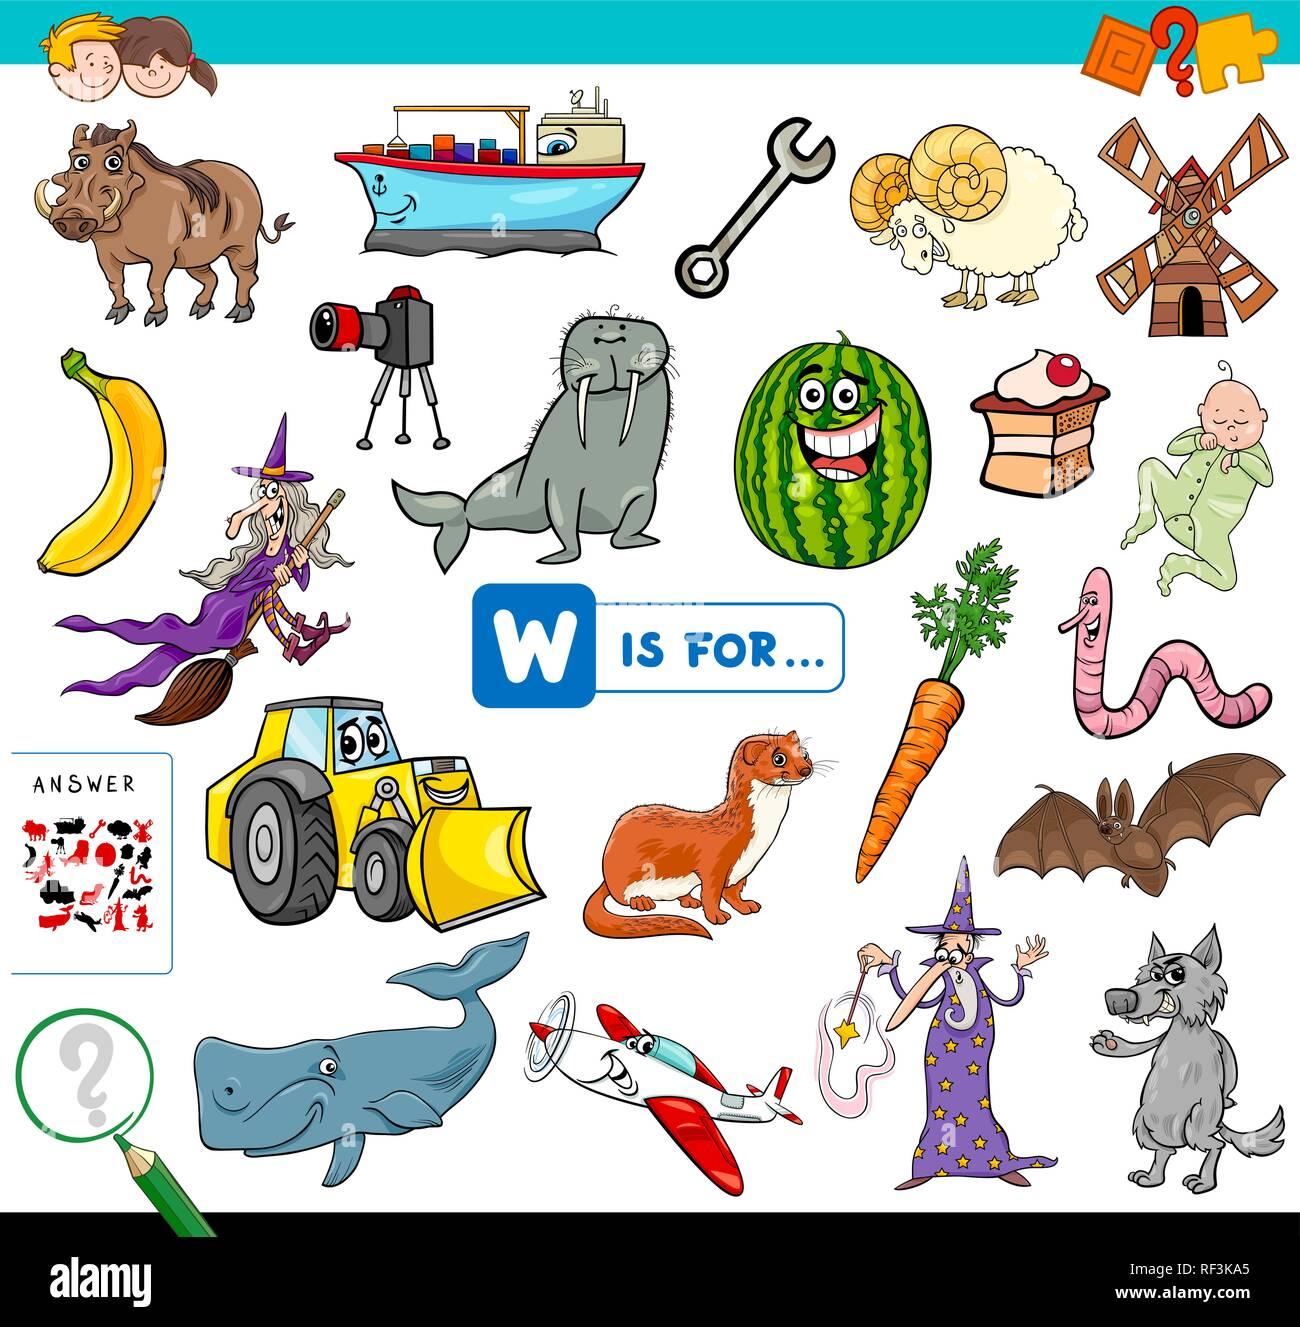 Preschool Alphabet Workbook Imágenes De Stock Preschool Alphabet